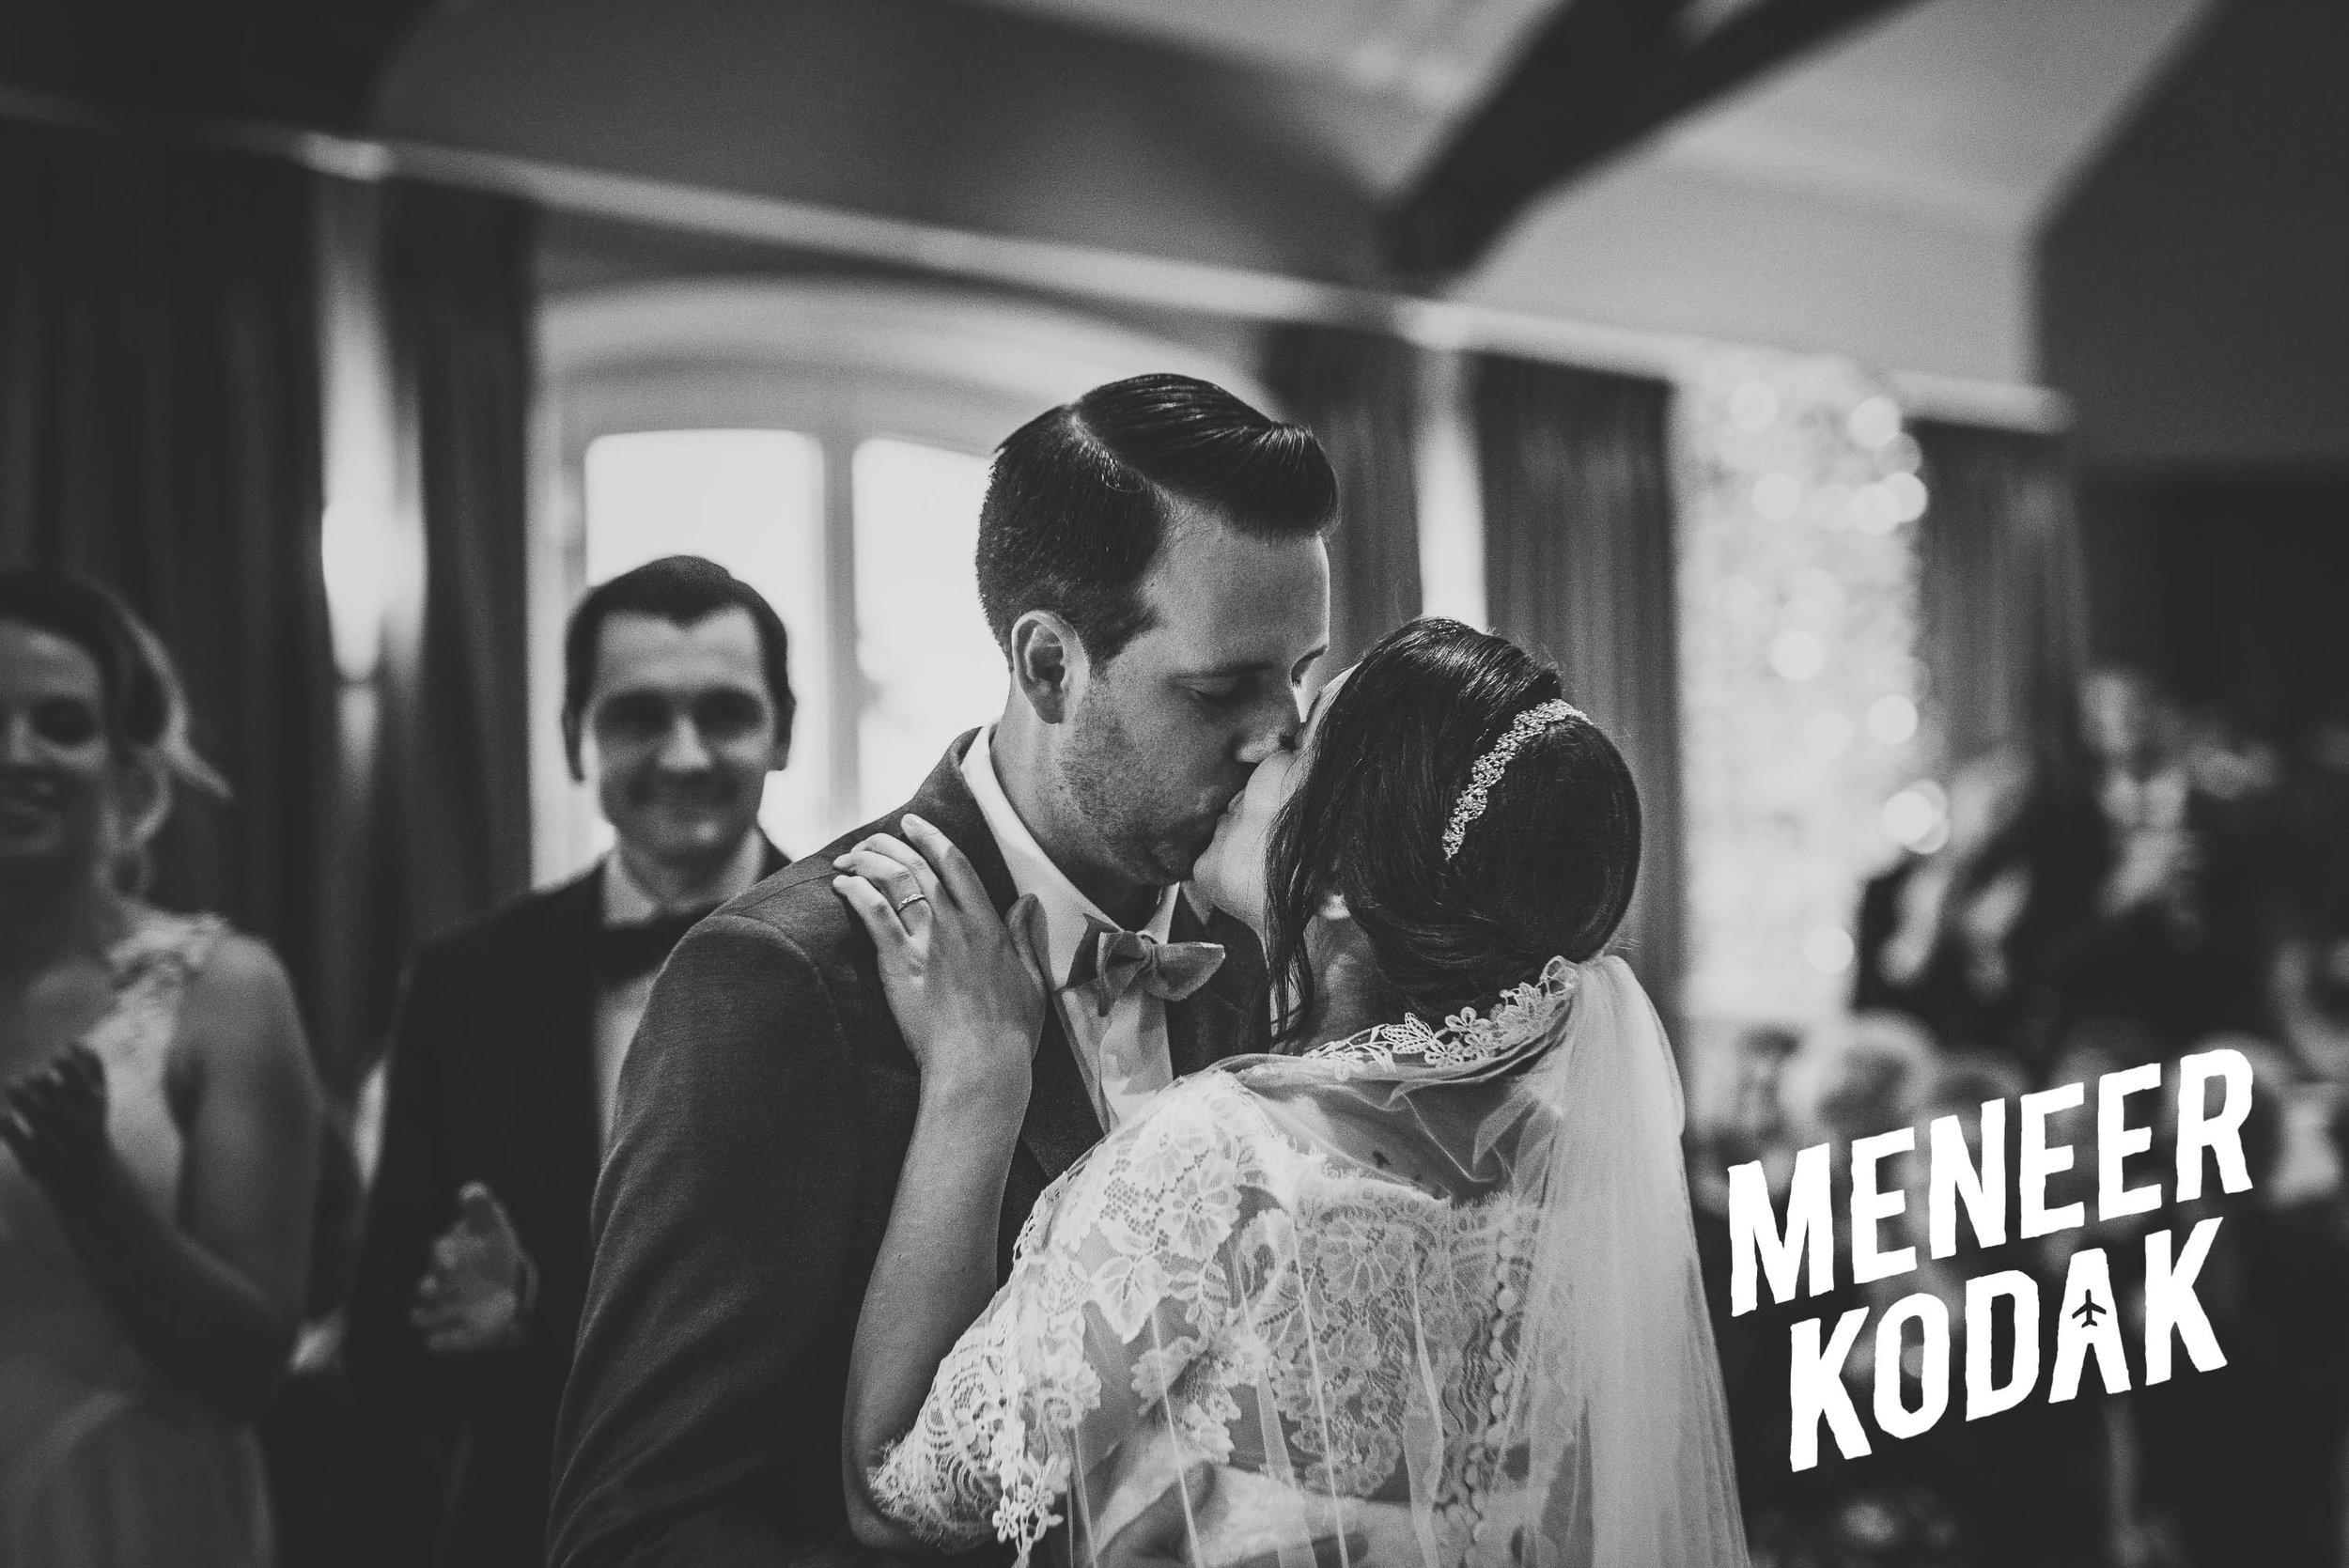 Meneer Kodak - Trouwfotograaf - Gent - D&T-065.jpg